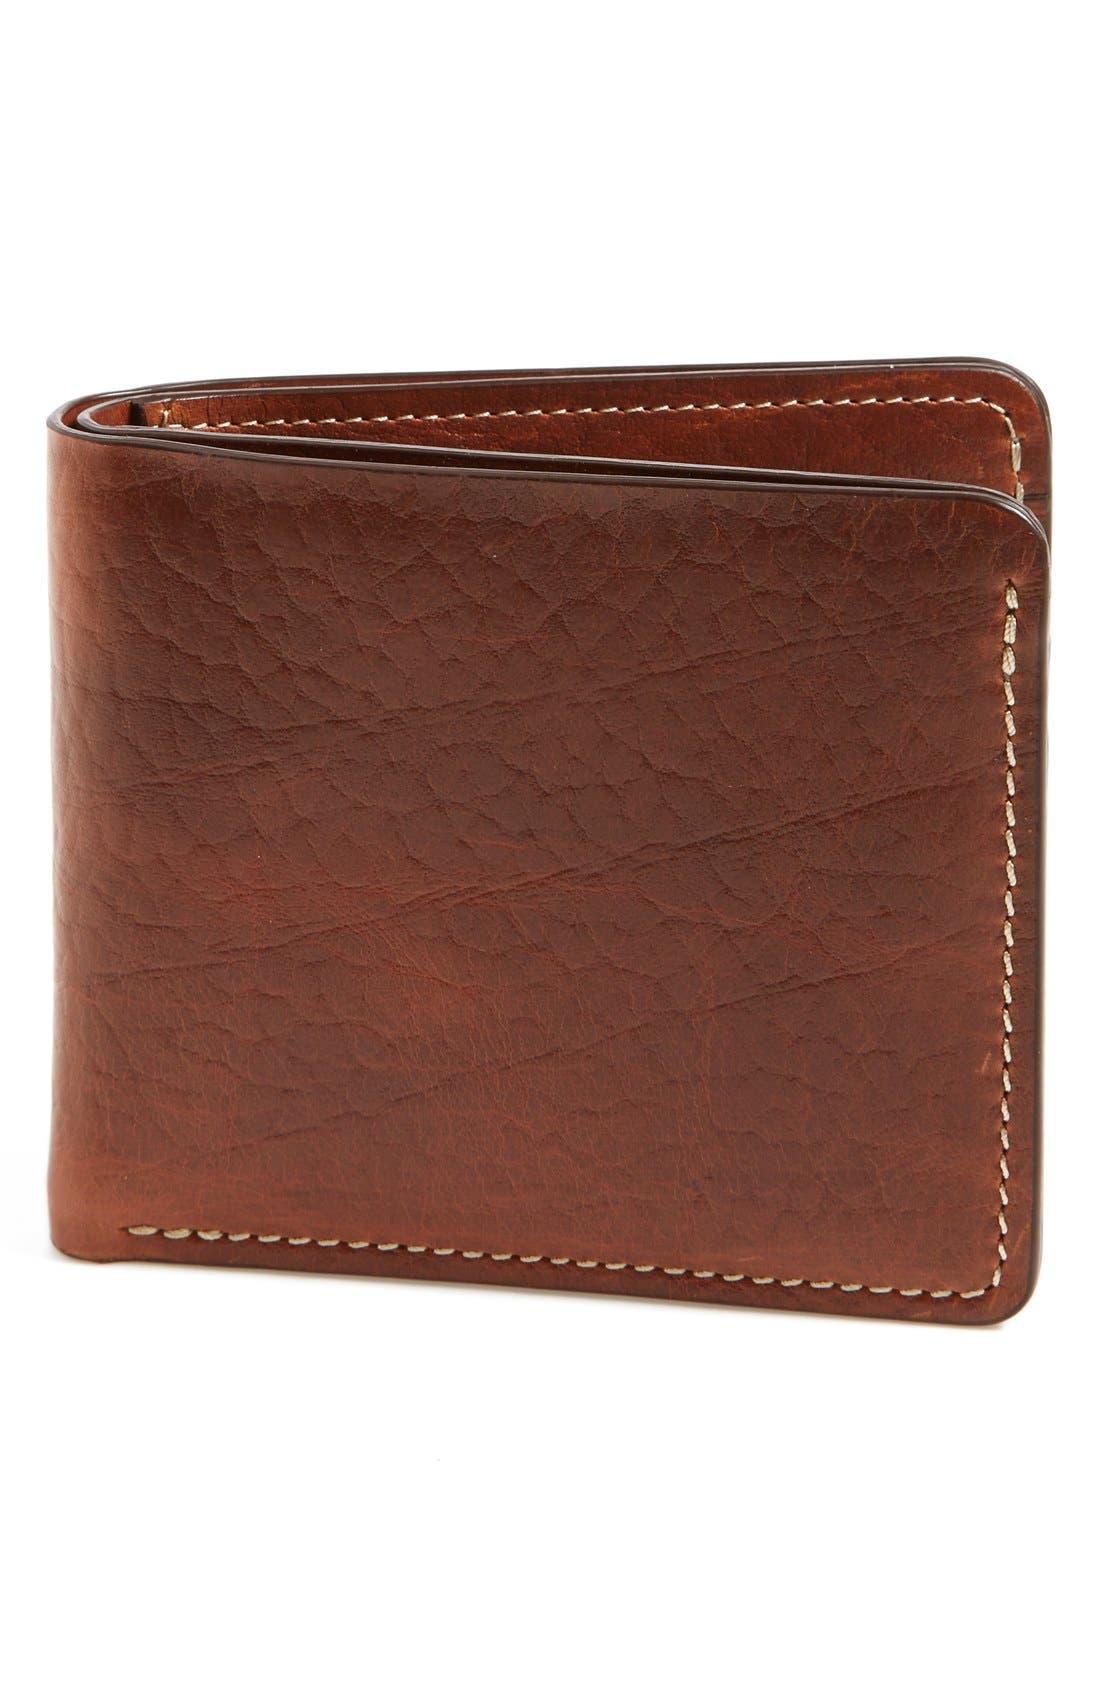 Alternate Image 1 Selected - Trask 'Jackson' Bison Leather Wallet